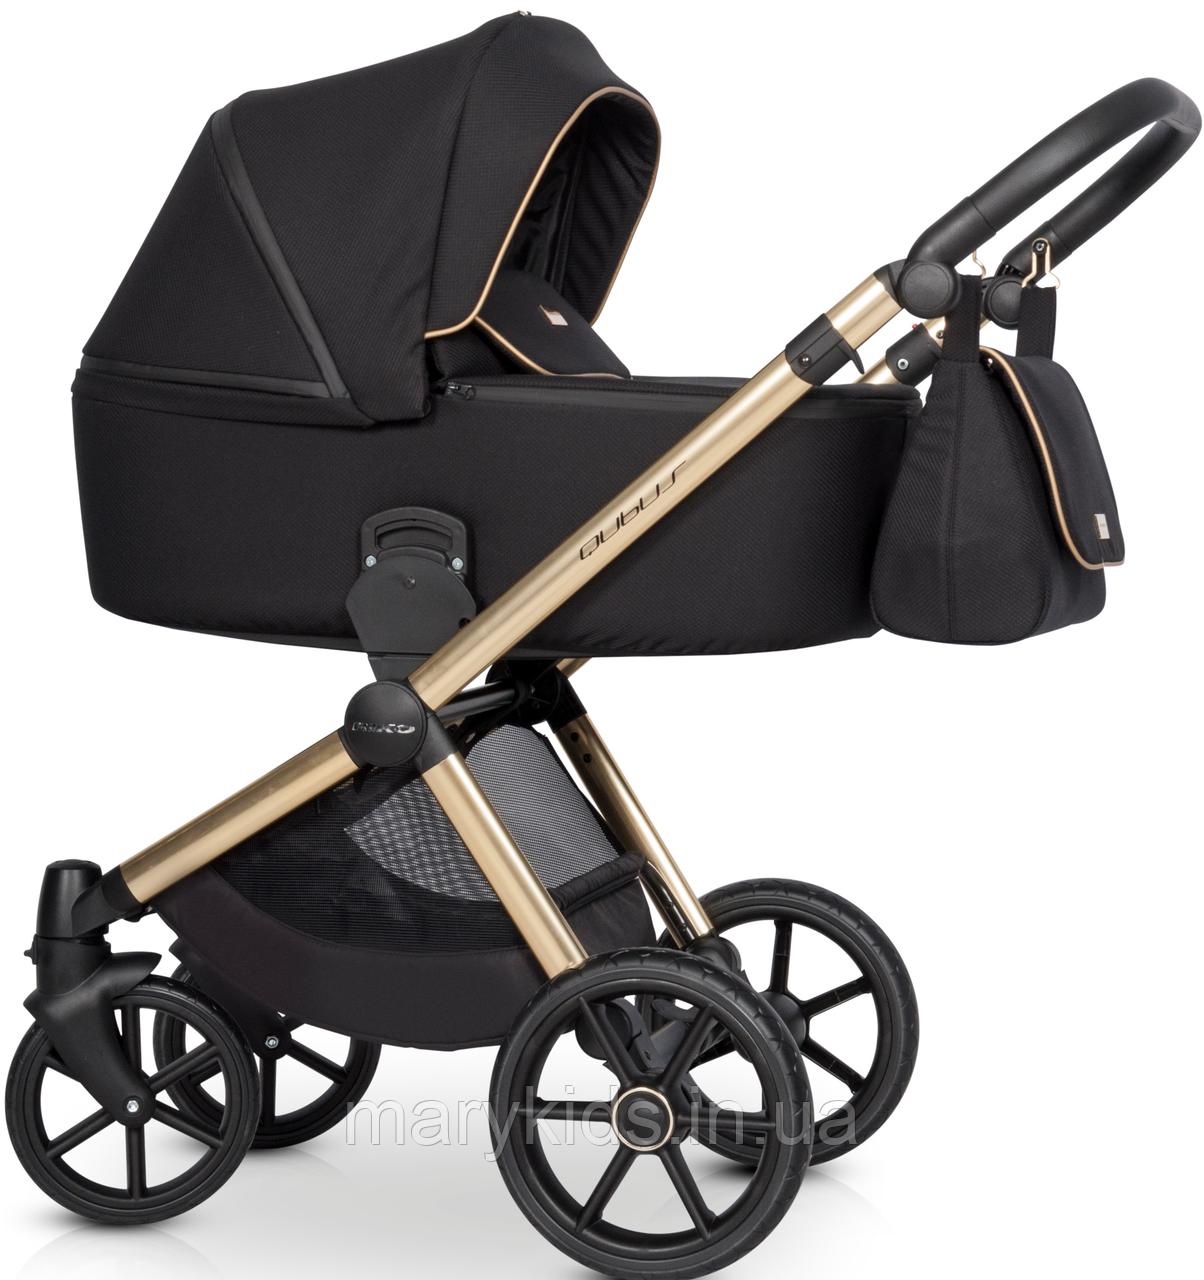 Детская универсальная коляска 3 в 1 Riko Qubus 05 Gold